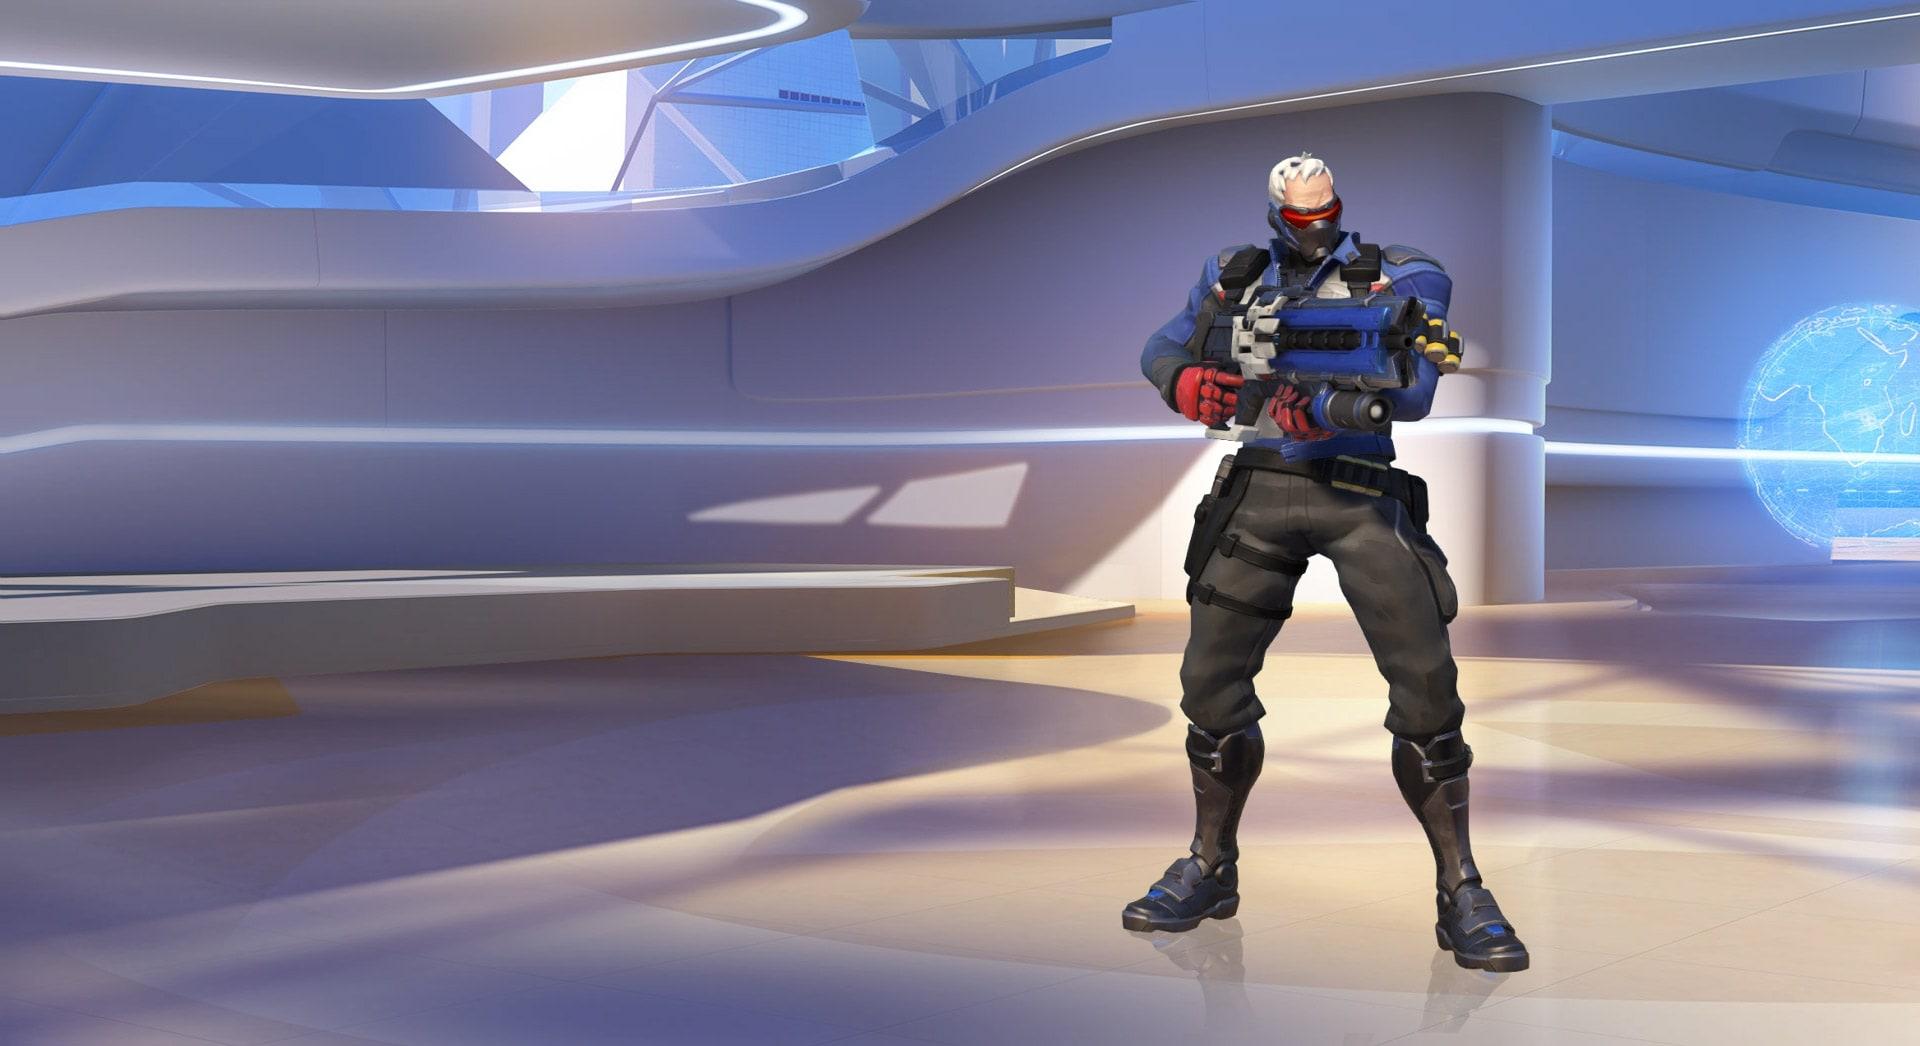 Overwatch : Soldier: 76 Download